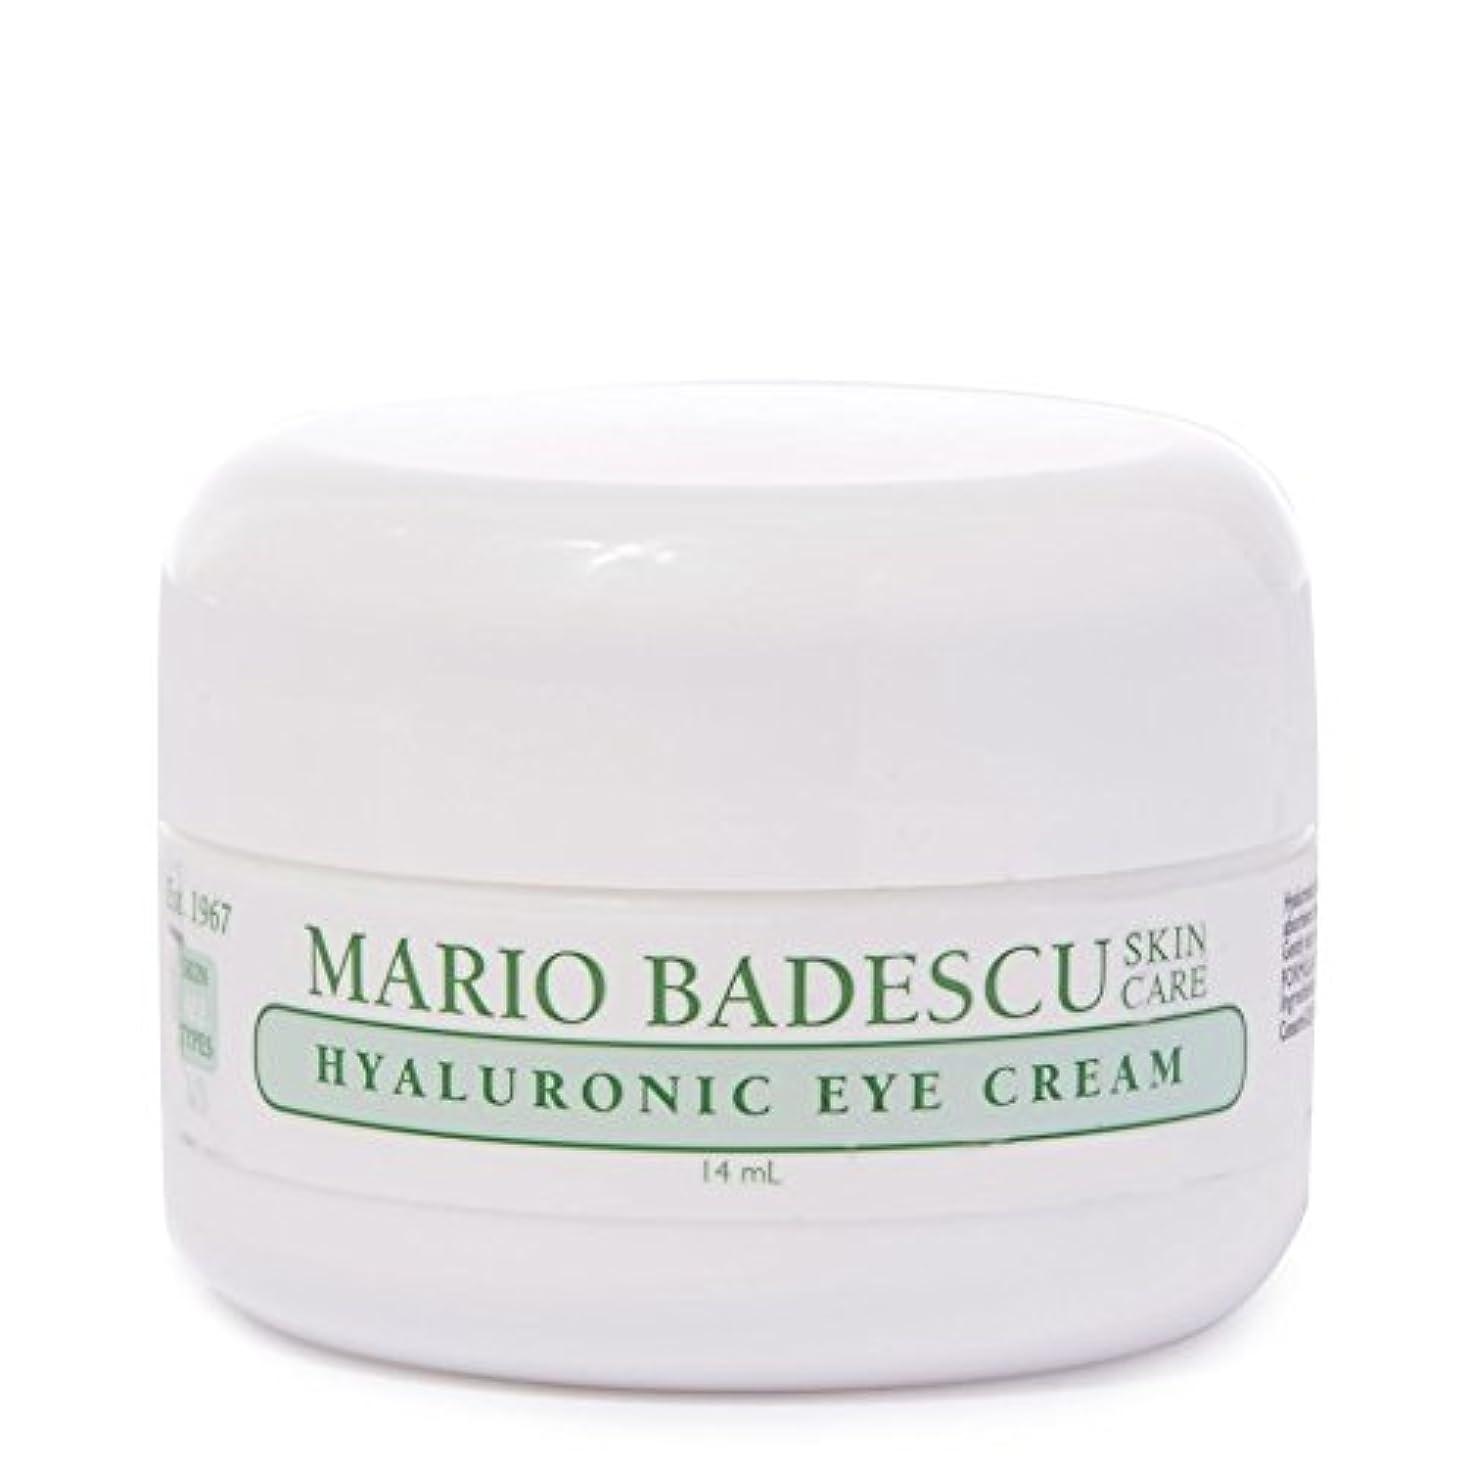 公爵フィヨルド不信マリオ?バデスキューヒアルロンアイクリーム14ミリリットル x4 - Mario Badescu Hyaluronic Eye Cream 14ml (Pack of 4) [並行輸入品]